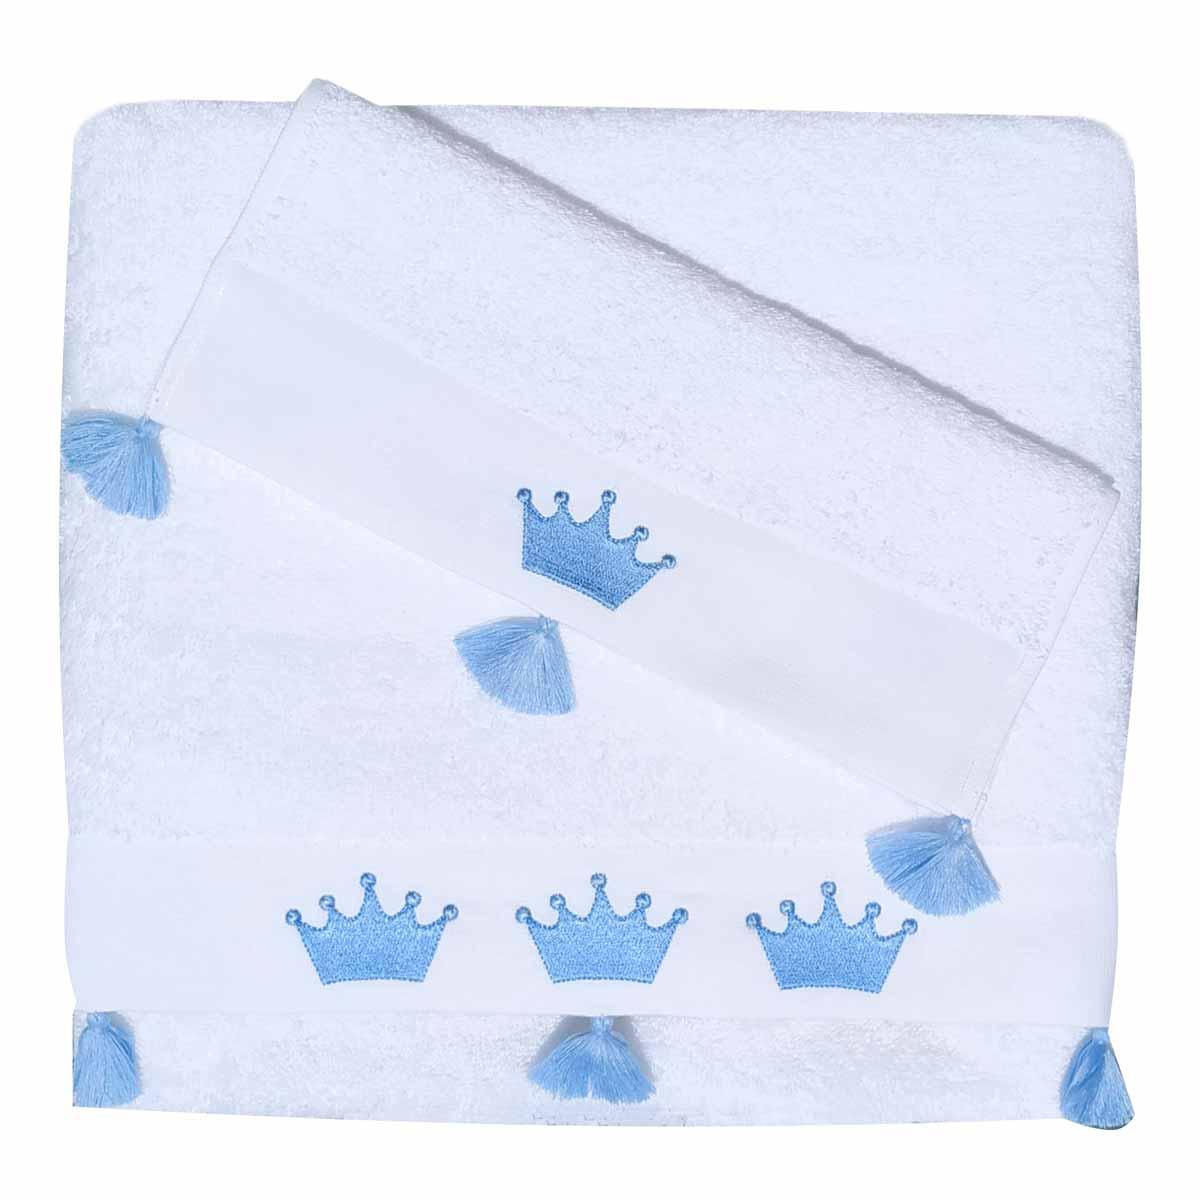 Βρεφικές Πετσέτες (Σετ 2τμχ) Morven Prince Blue 1809/05